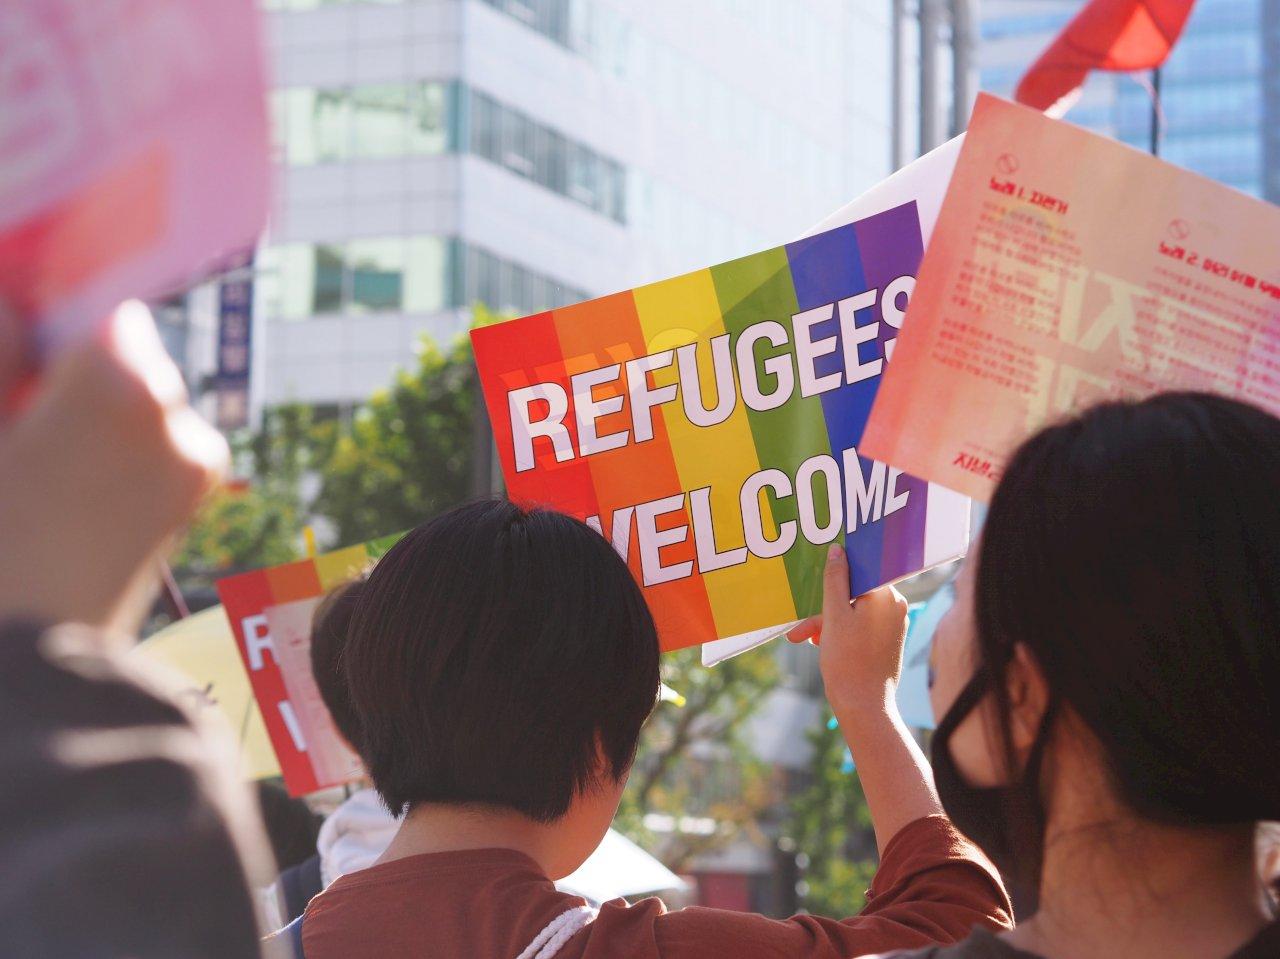 中、港流亡人士來台日增 難民們無悔爭自由只盼能自立更生